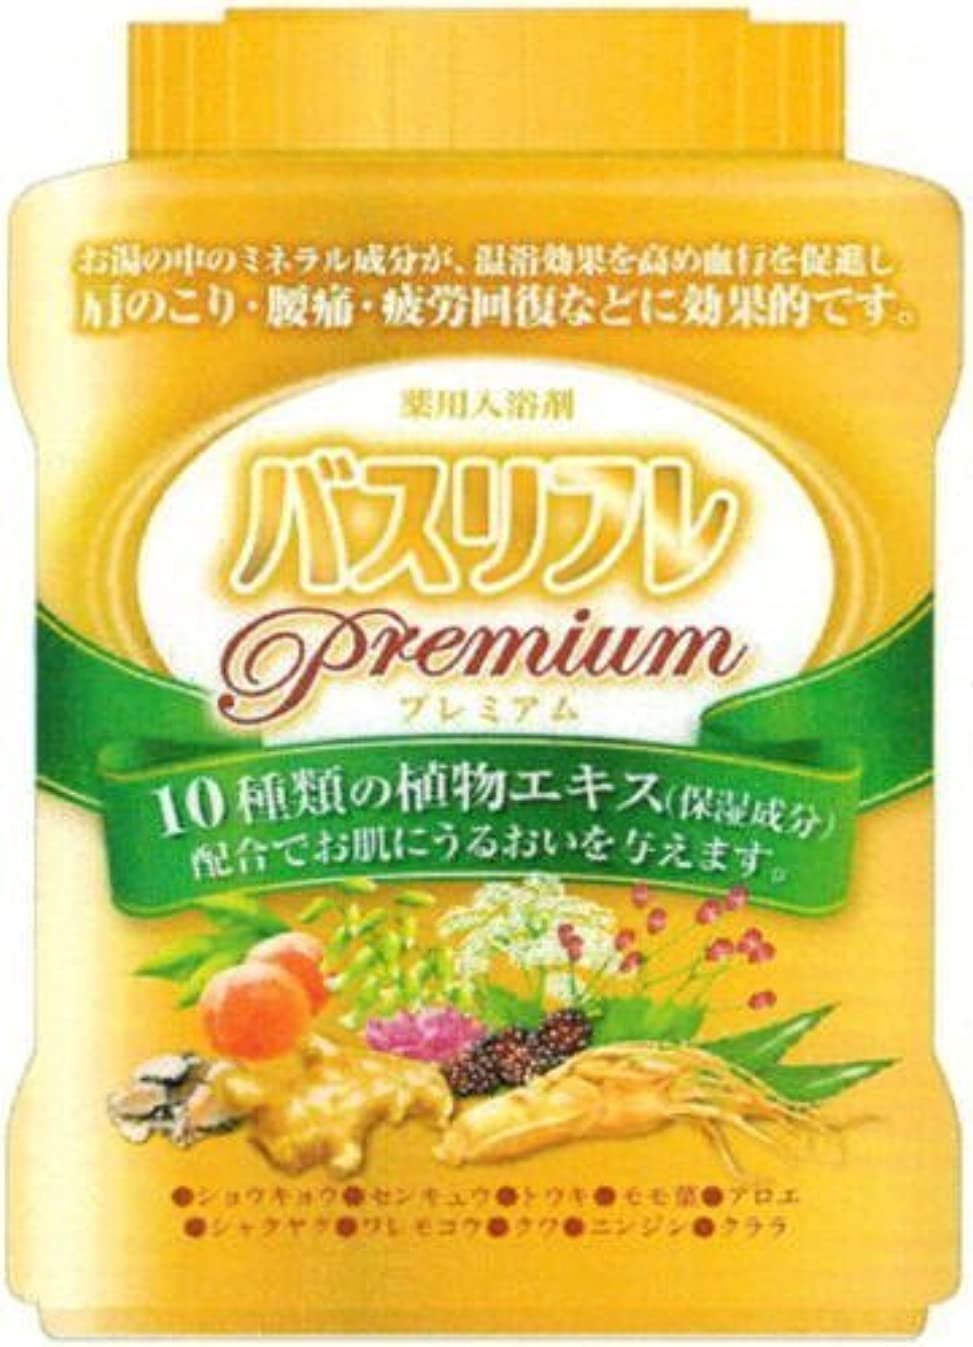 噂恥ずかしい絞るライオンケミカル バスリフレ 薬用入浴剤プレミアム 680g Japan